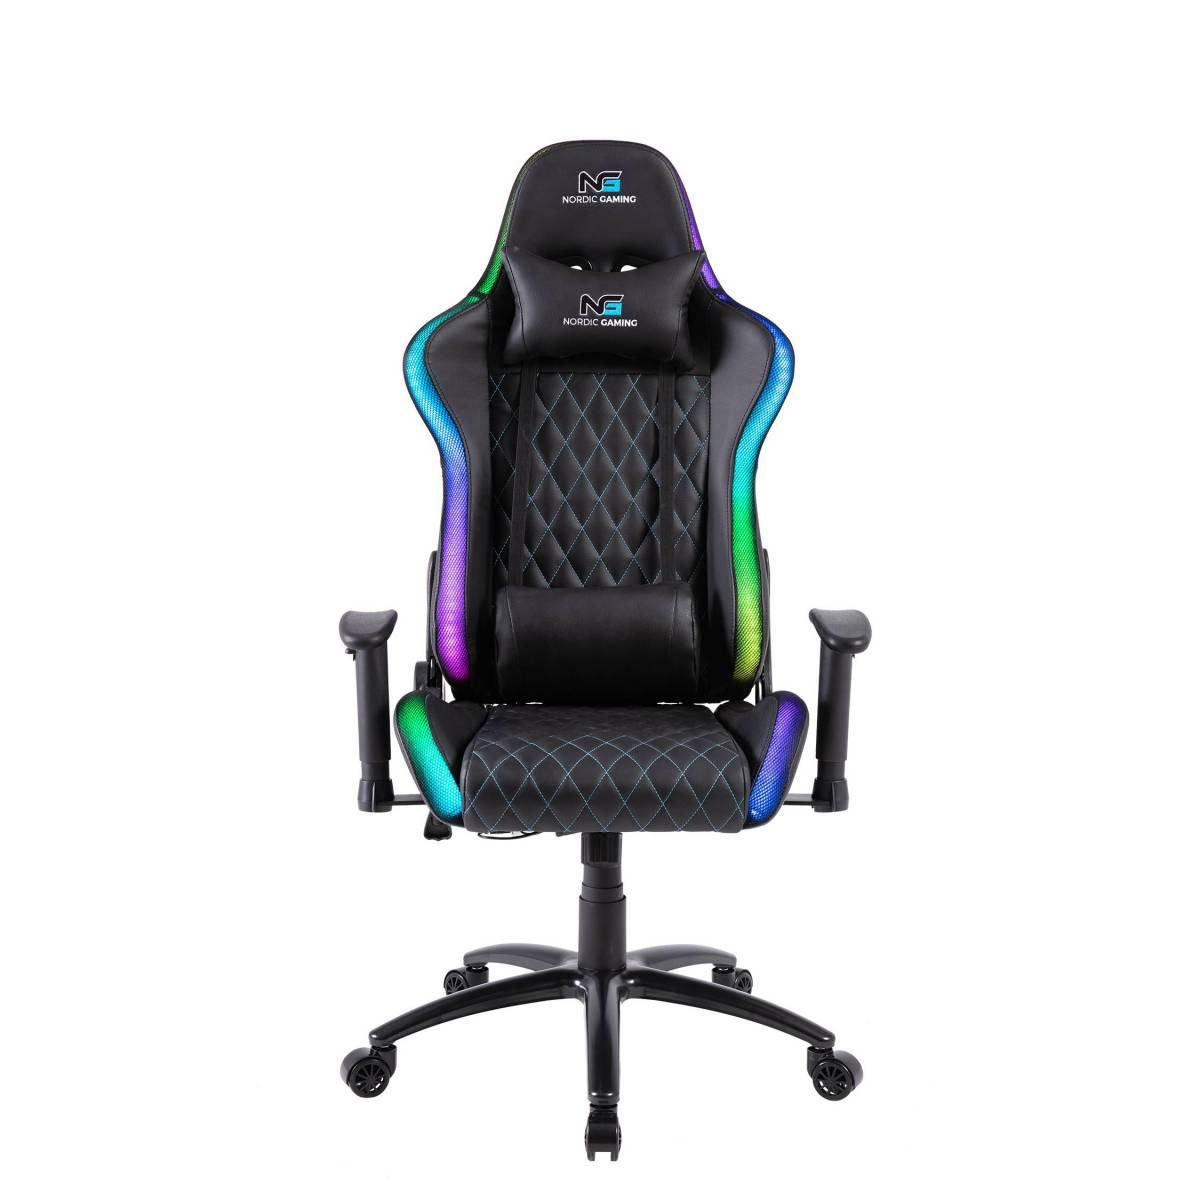 Nordic Blaster RGB Gaming Chair Black • Se priser (1